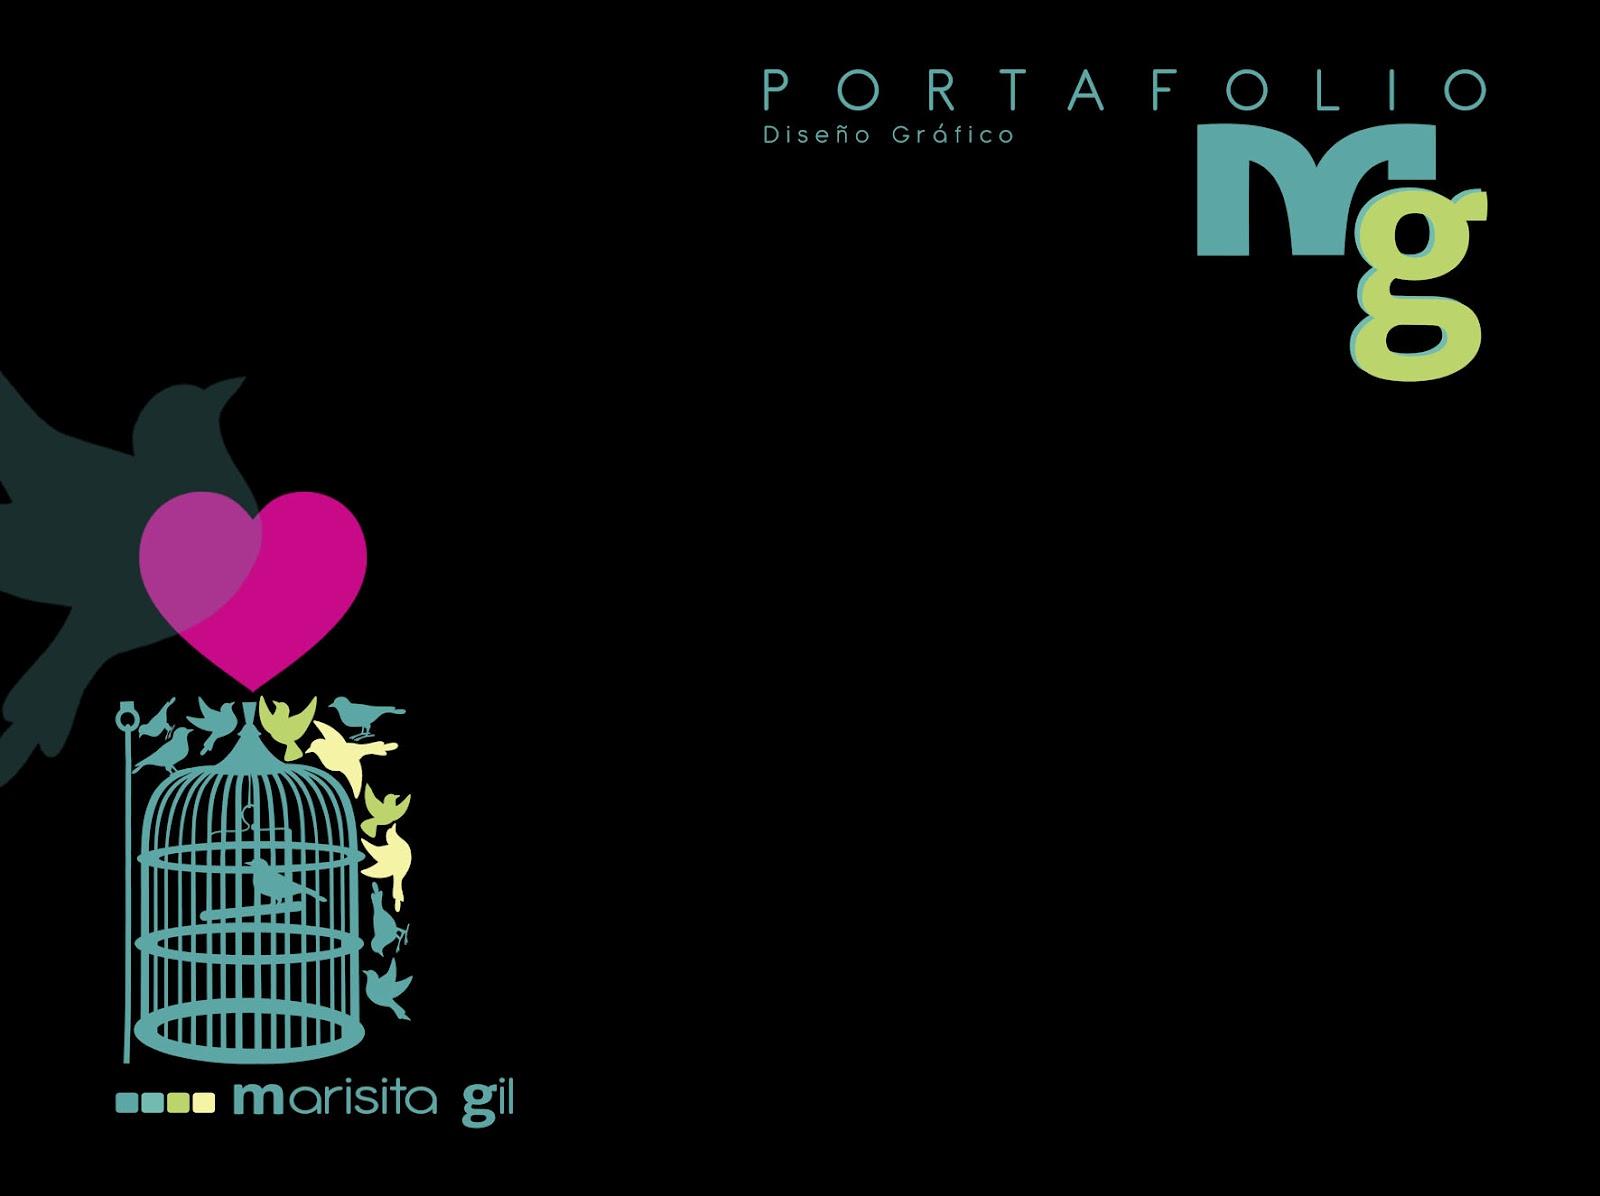 Mg digital portafolio dise o grafico for Portafolio de diseno grafico pdf